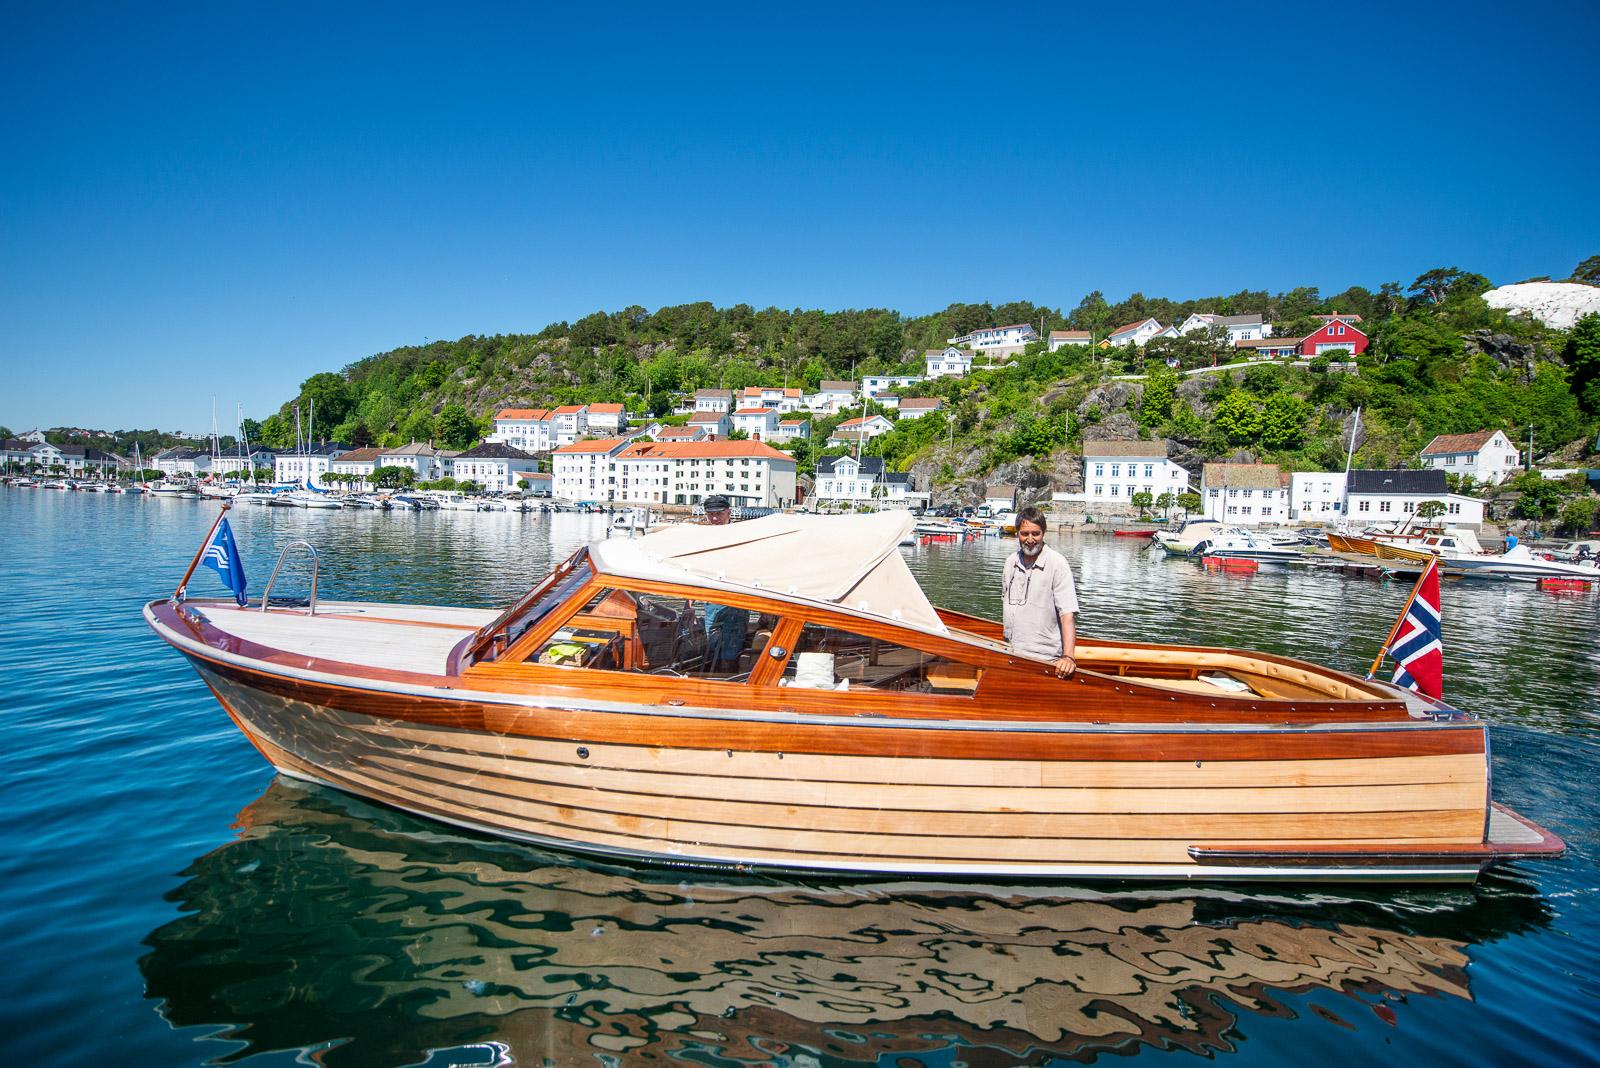 Bilde av eksklusiv motorbåt